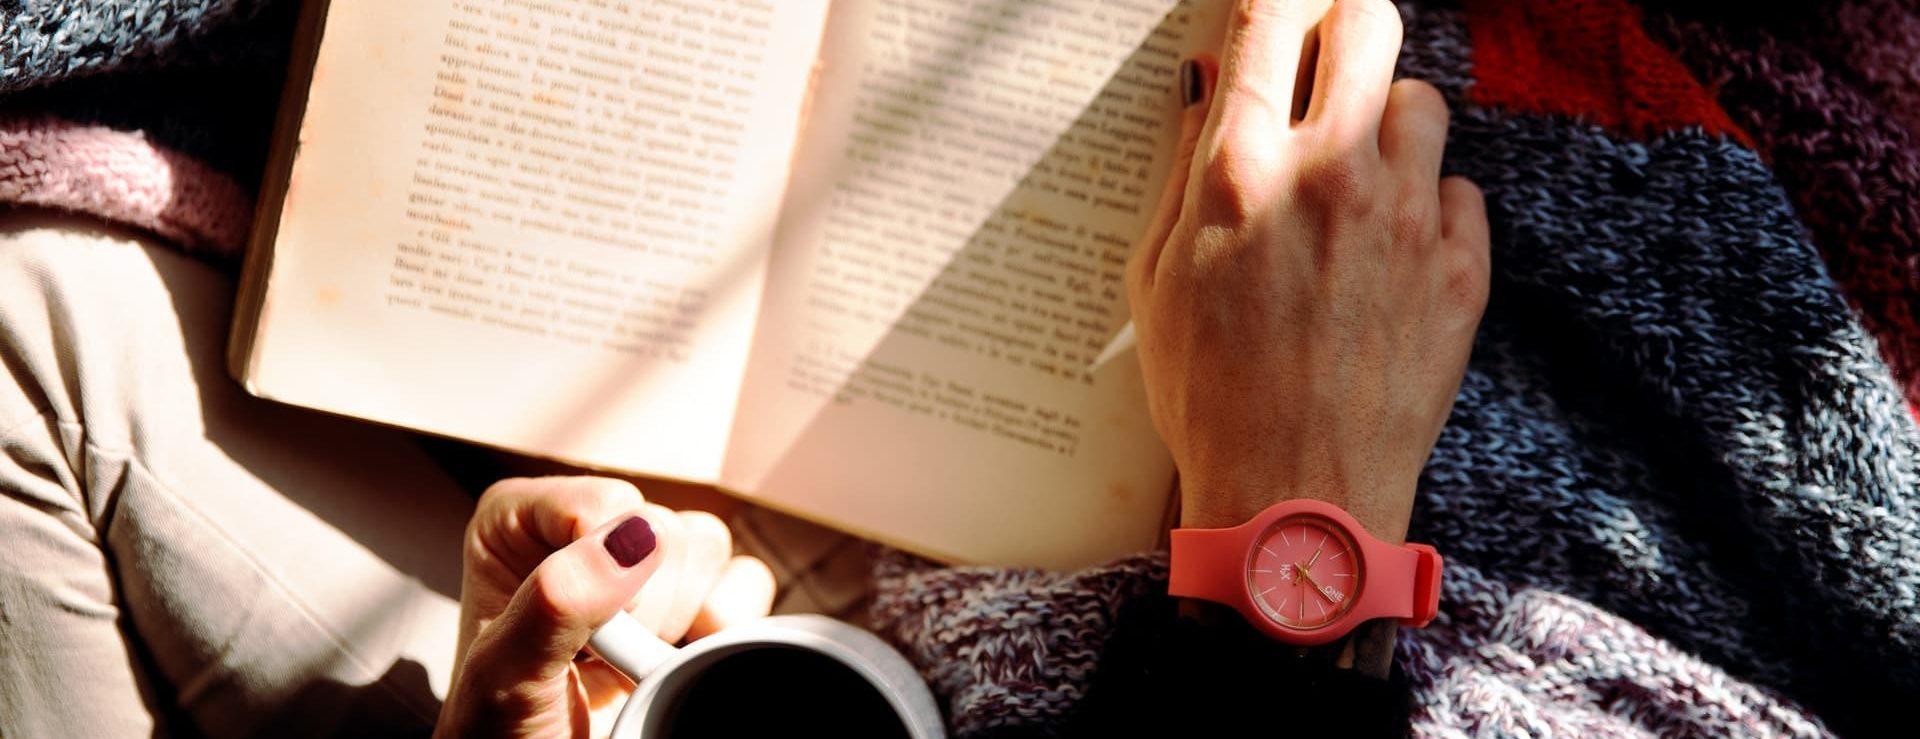 読む本が決まったら正しい読み方を知ろう!の見出し画像